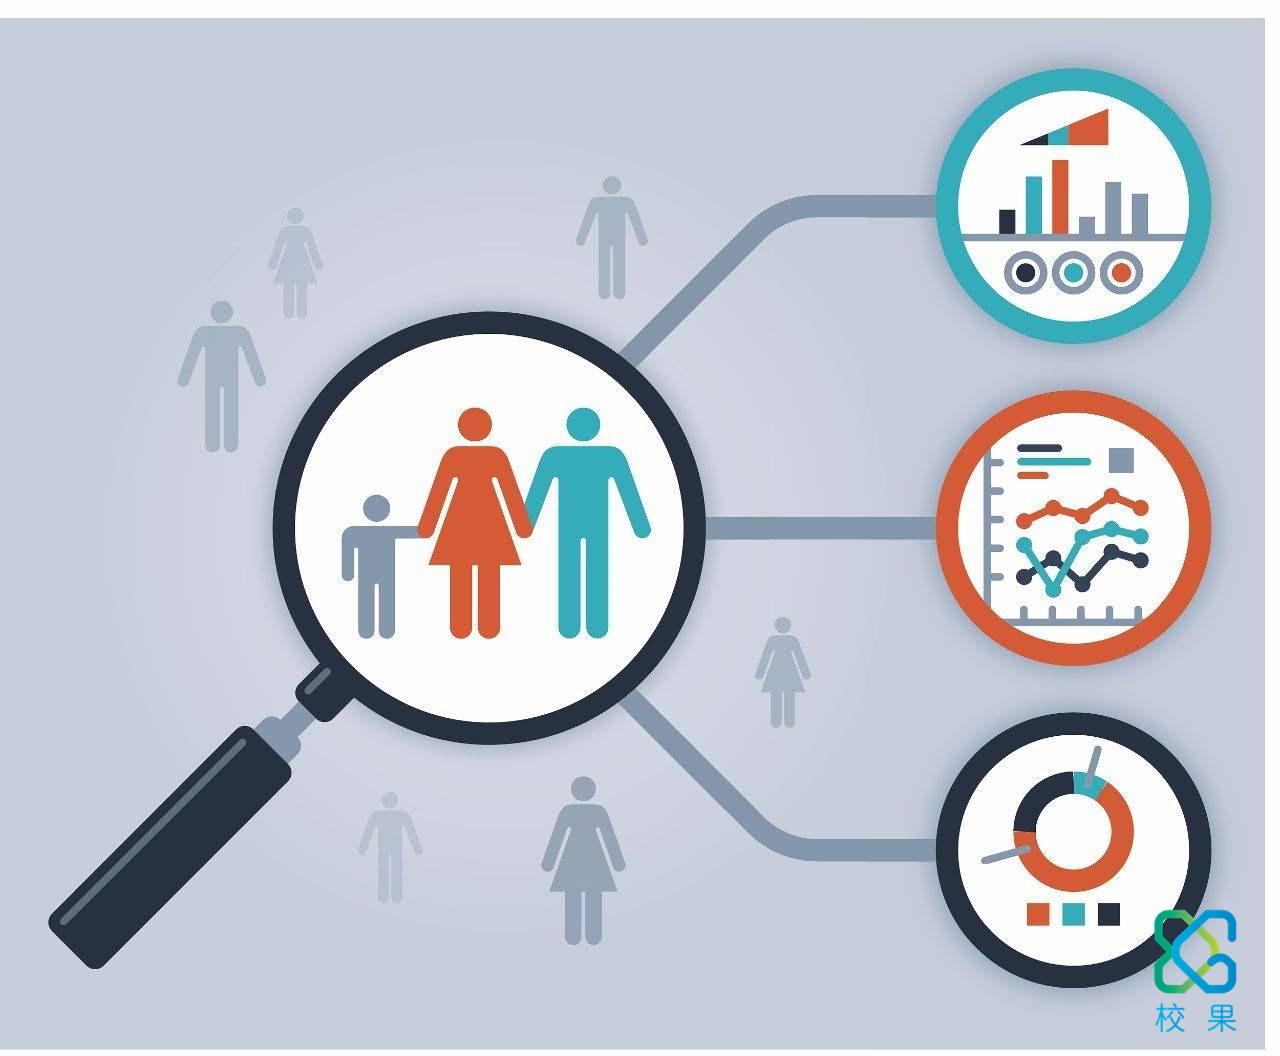 校园营销中如何认清企业的发展目标?-校果研究院-校园营销解决方案